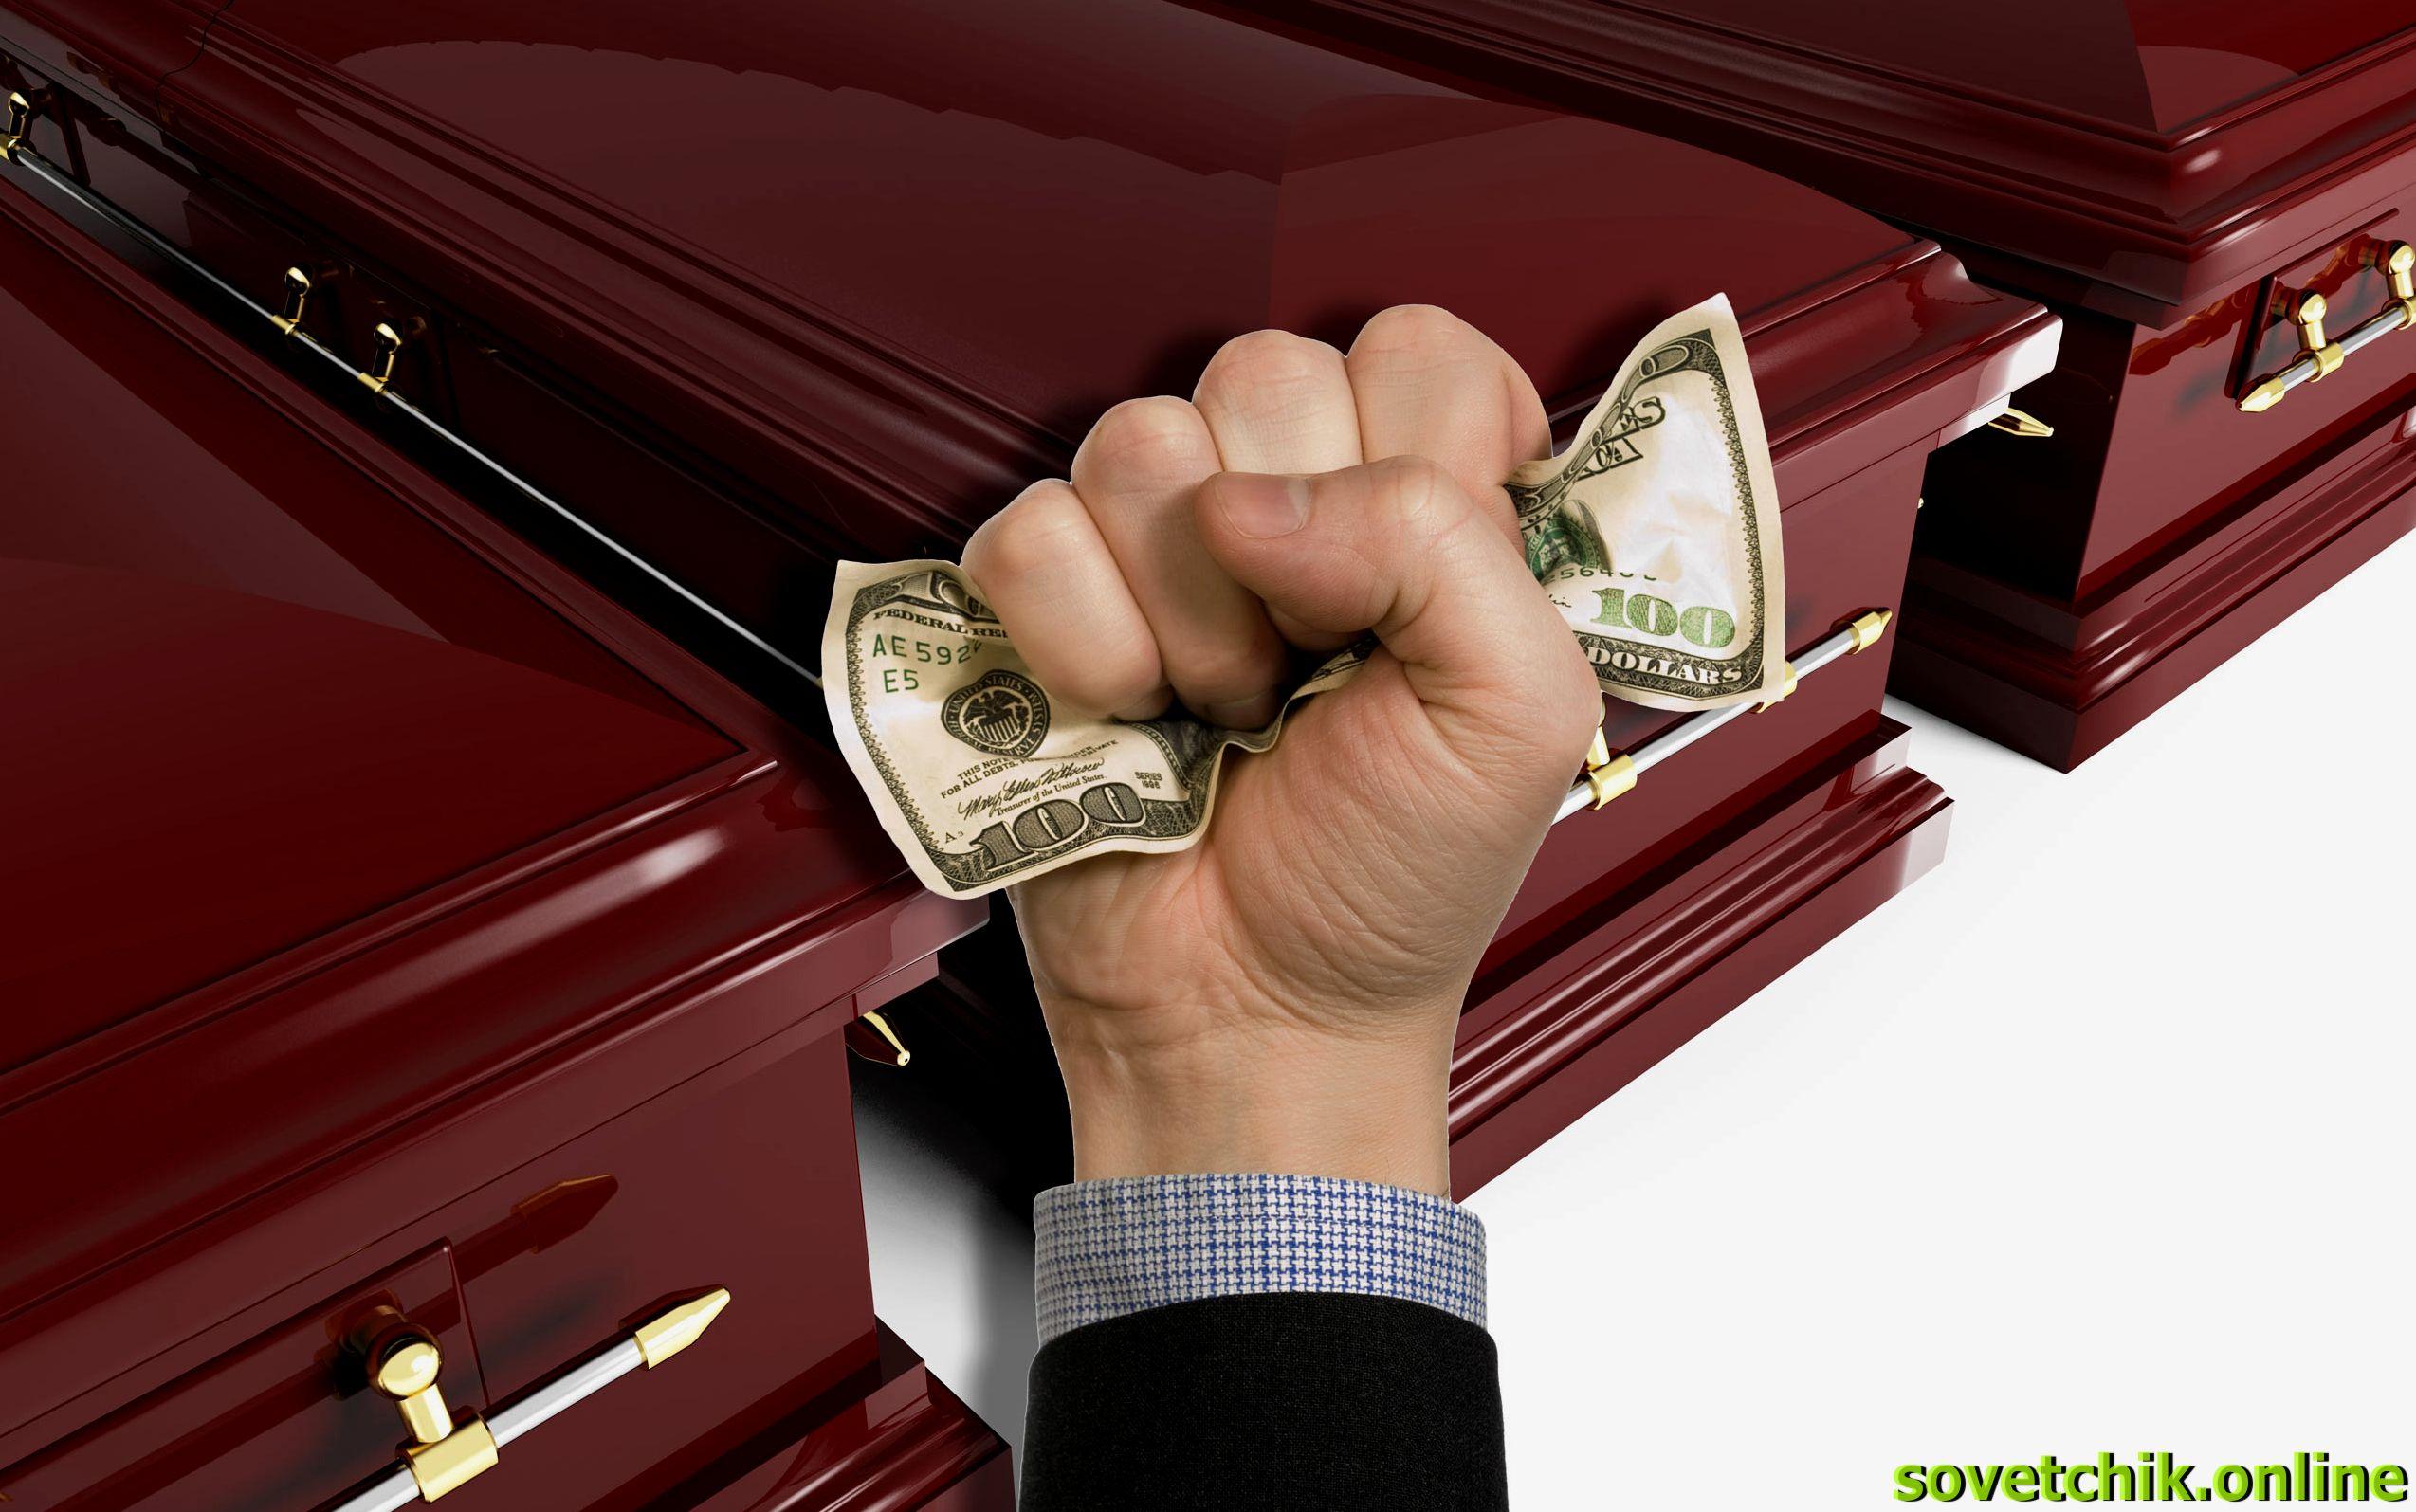 Можно ли занимать деньги на похороны